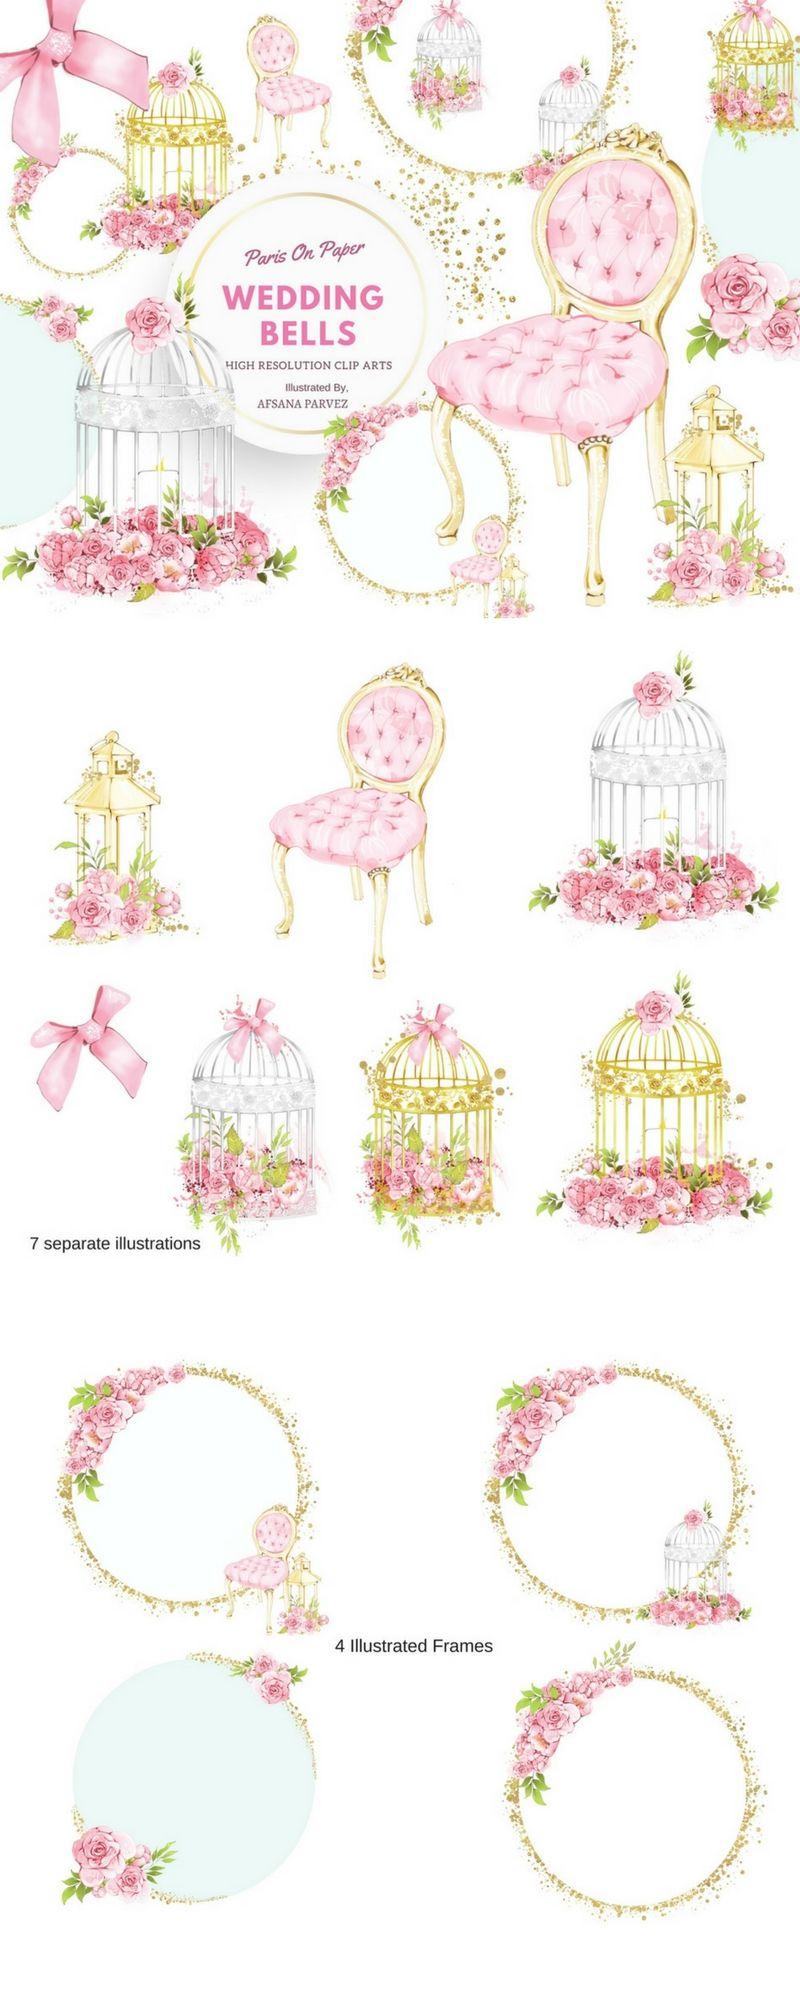 Floral Wedding Clipart, Frames, Floral Invitation, Bridal Shower ...